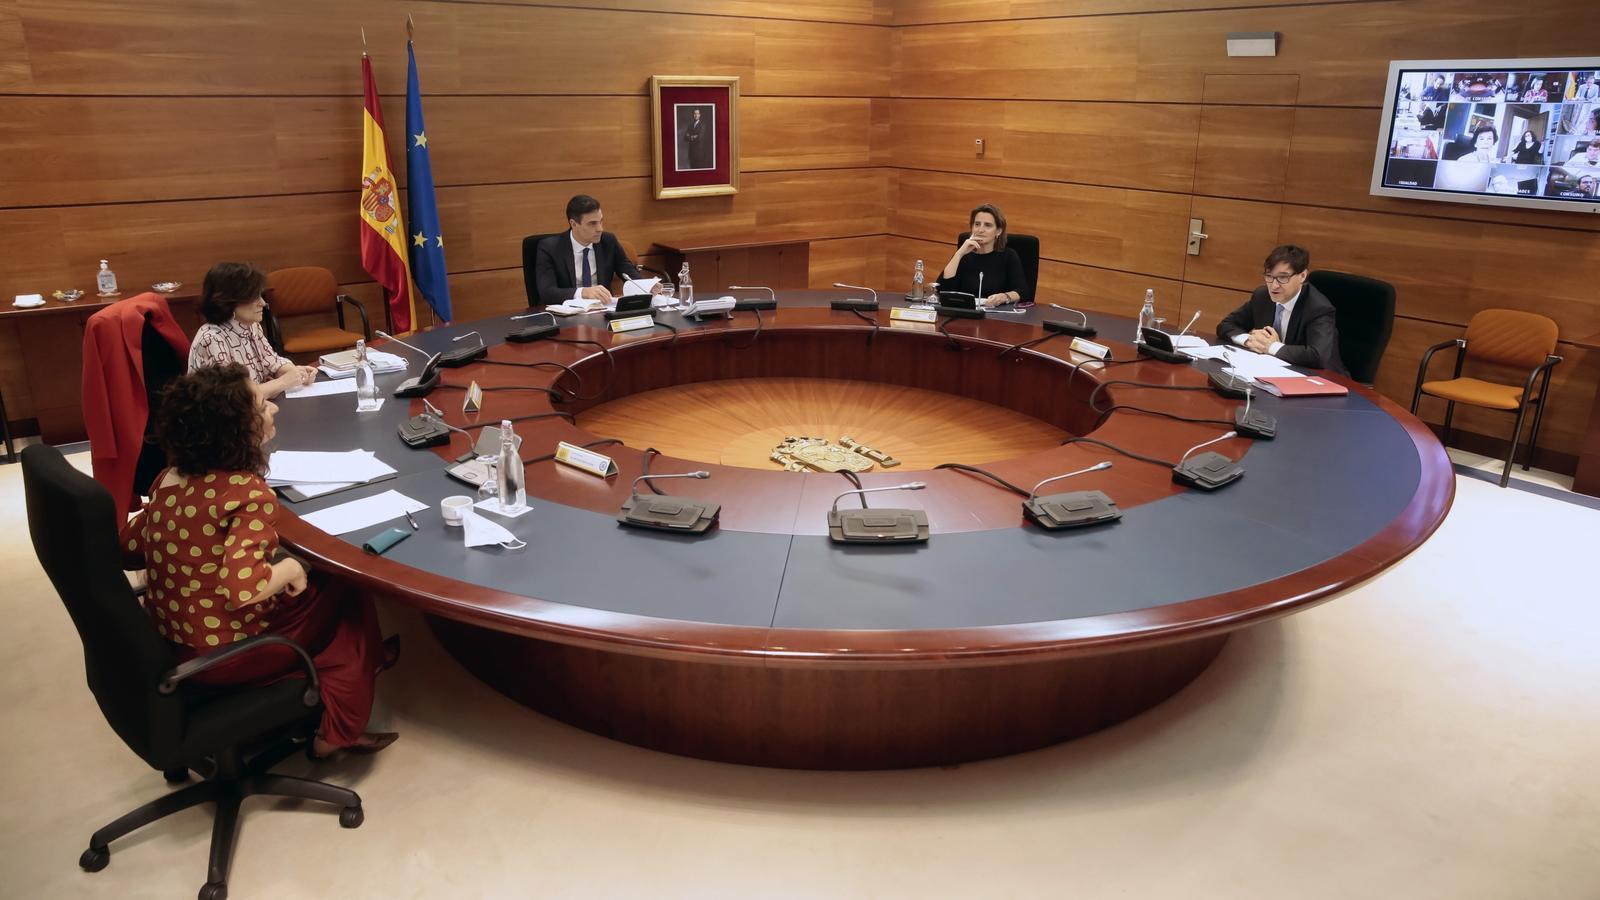 Imatge difosa per la Moncloa de la reunió en part presencial i telemàtica del consell de ministres.